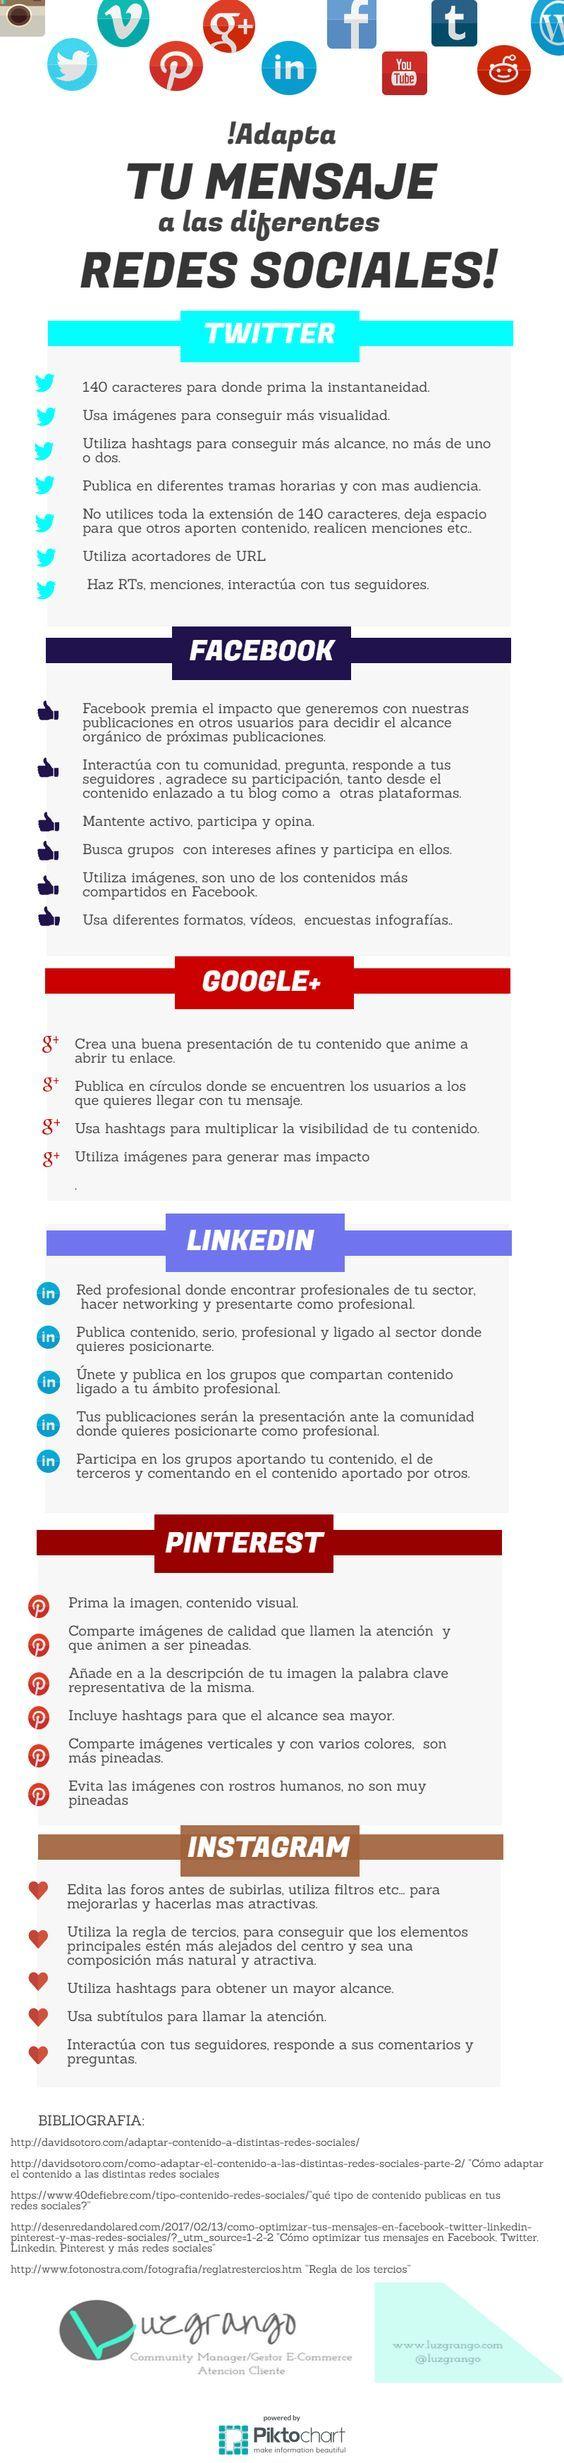 Infografia - Adapta tu mensaje a las diferentes Redes Sociales #infografia #infographic #socialmedia - TICs y Formación